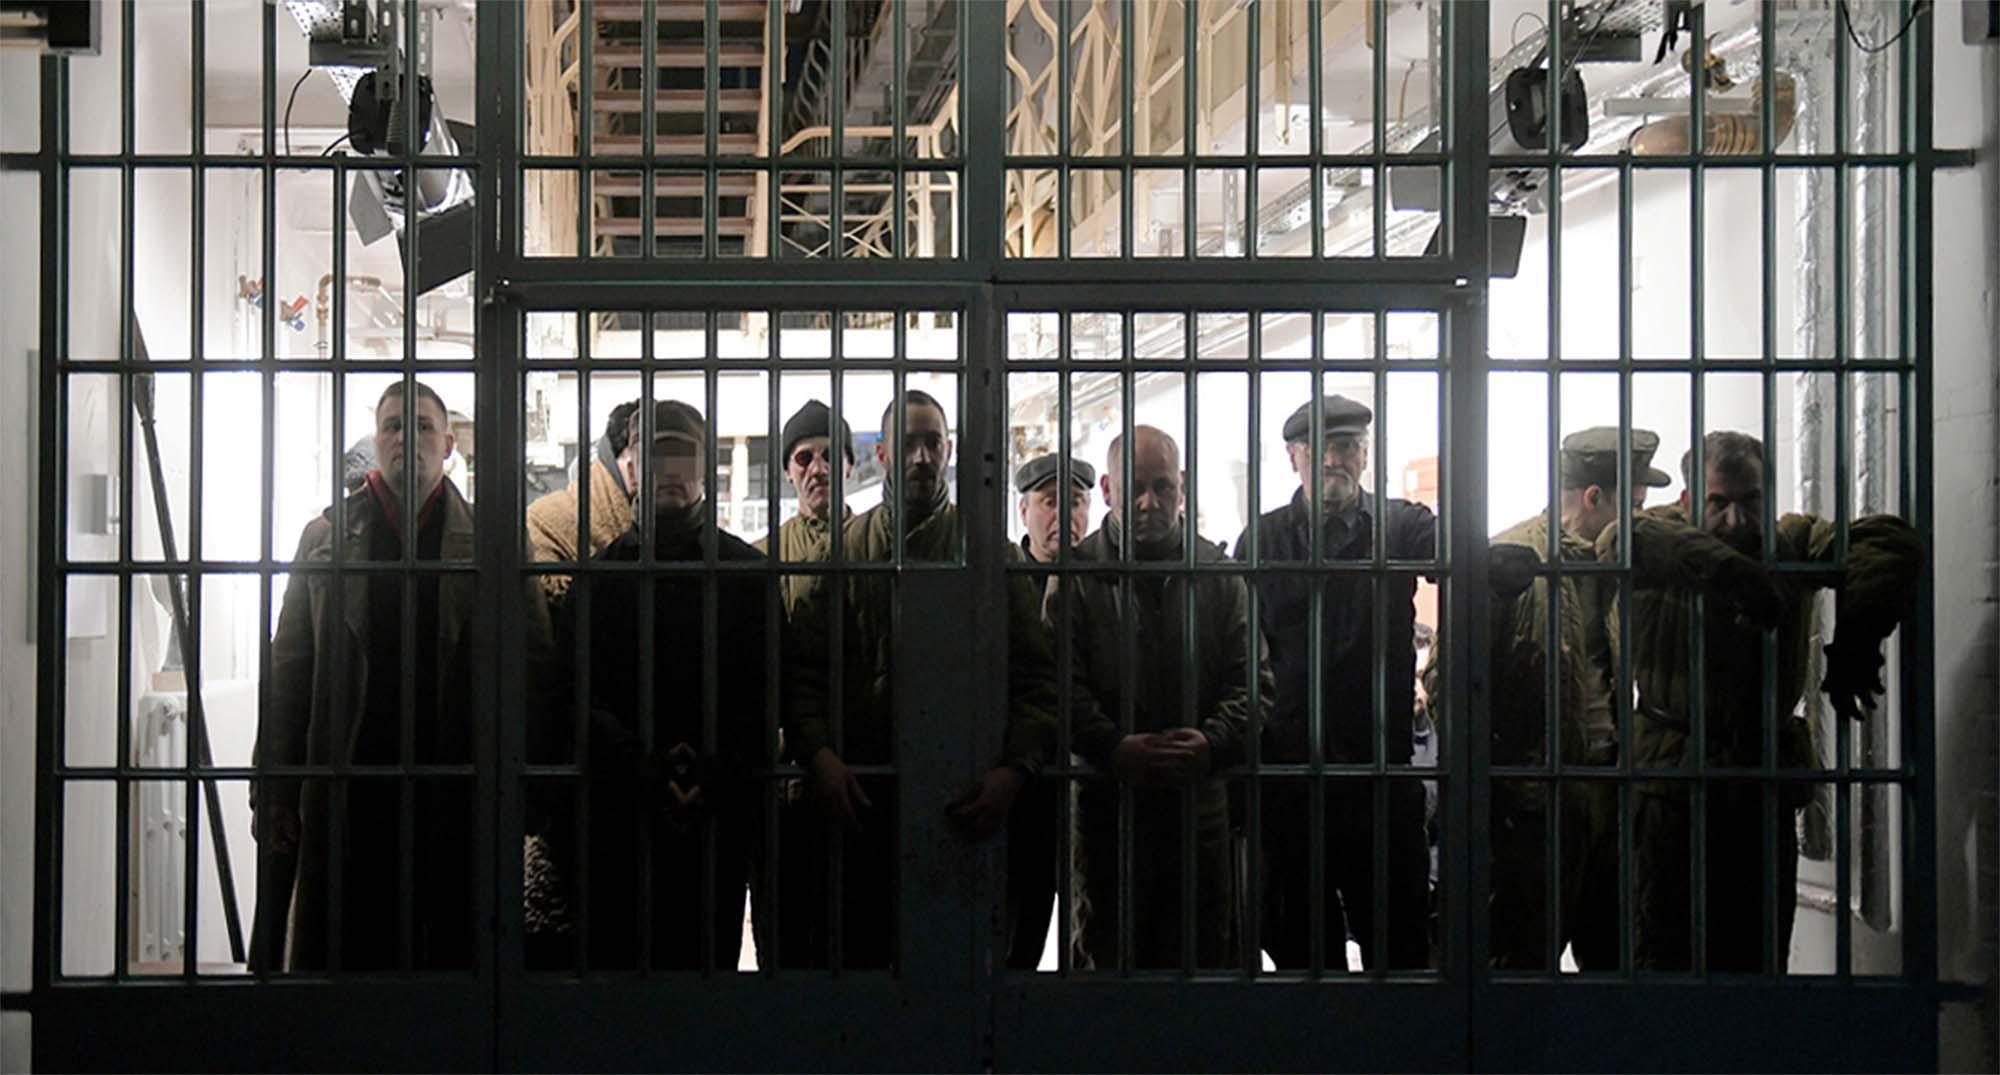 (Foto: Thomas Aurin) Hinter einem breiten vergitterten Durchgang stehen 10 Männer an der Gitterwand. Hinter ihnen ist der Gefängnistrack mit den Etagen hell erleuchtet, sodass die Männer im Dunklen stehen.